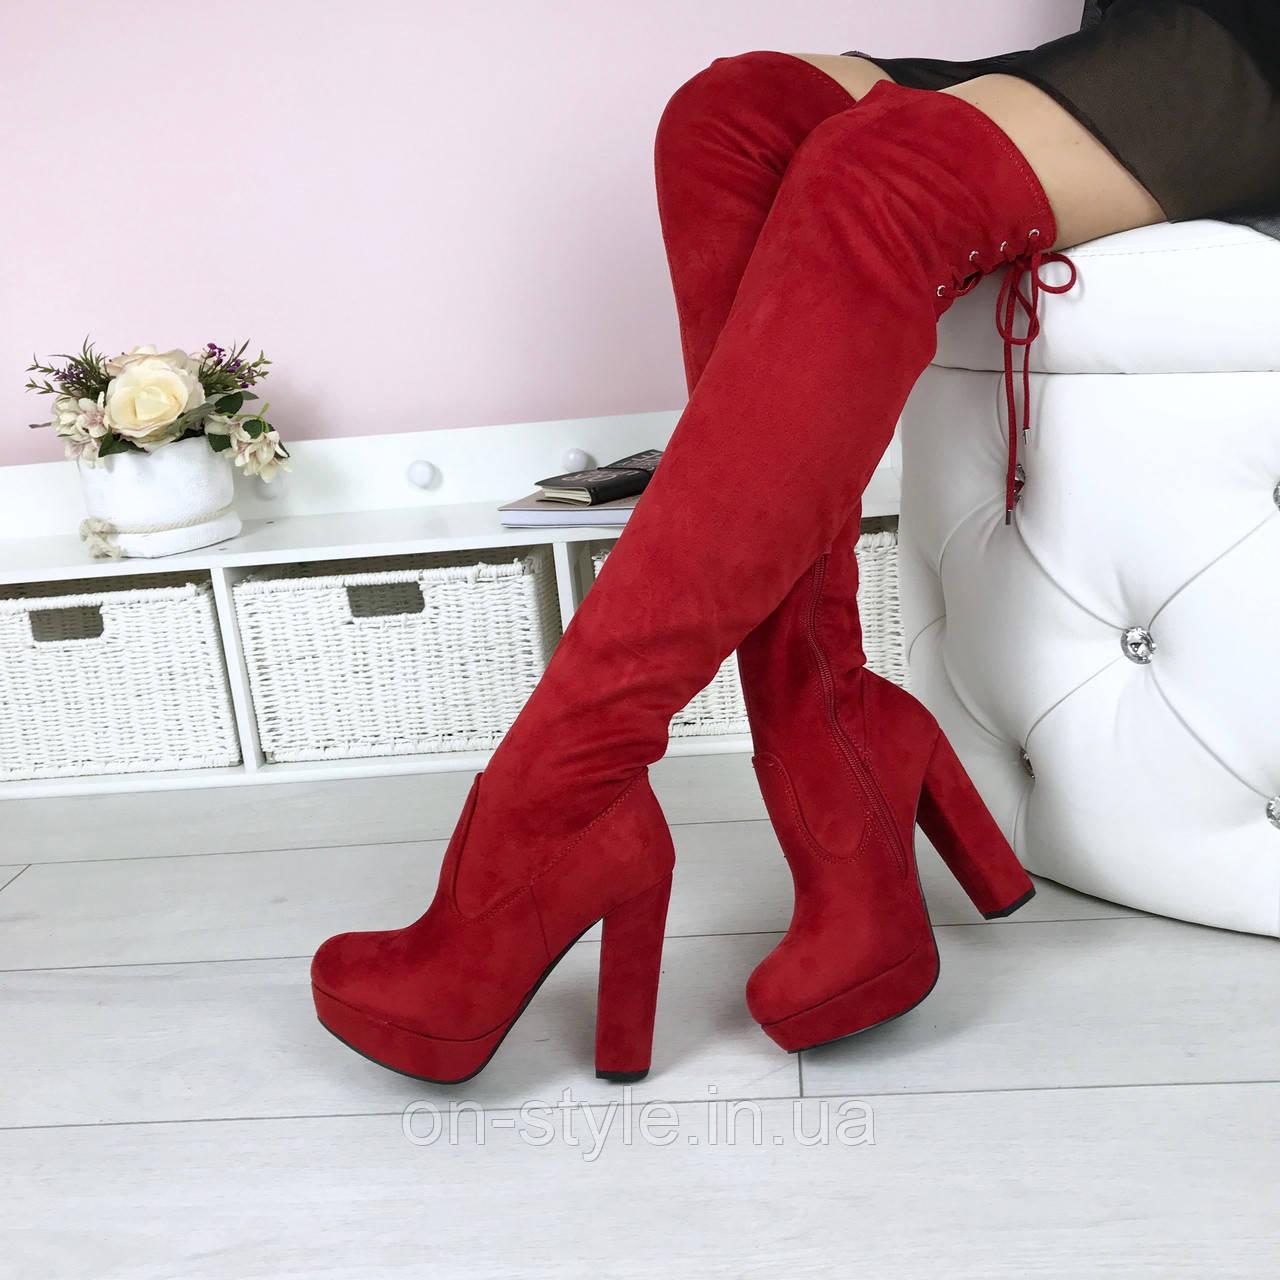 7f45686a6605 Женские красные демисезонные ботфорты- чулки на удобном каблуке: продажа,  цена в ...